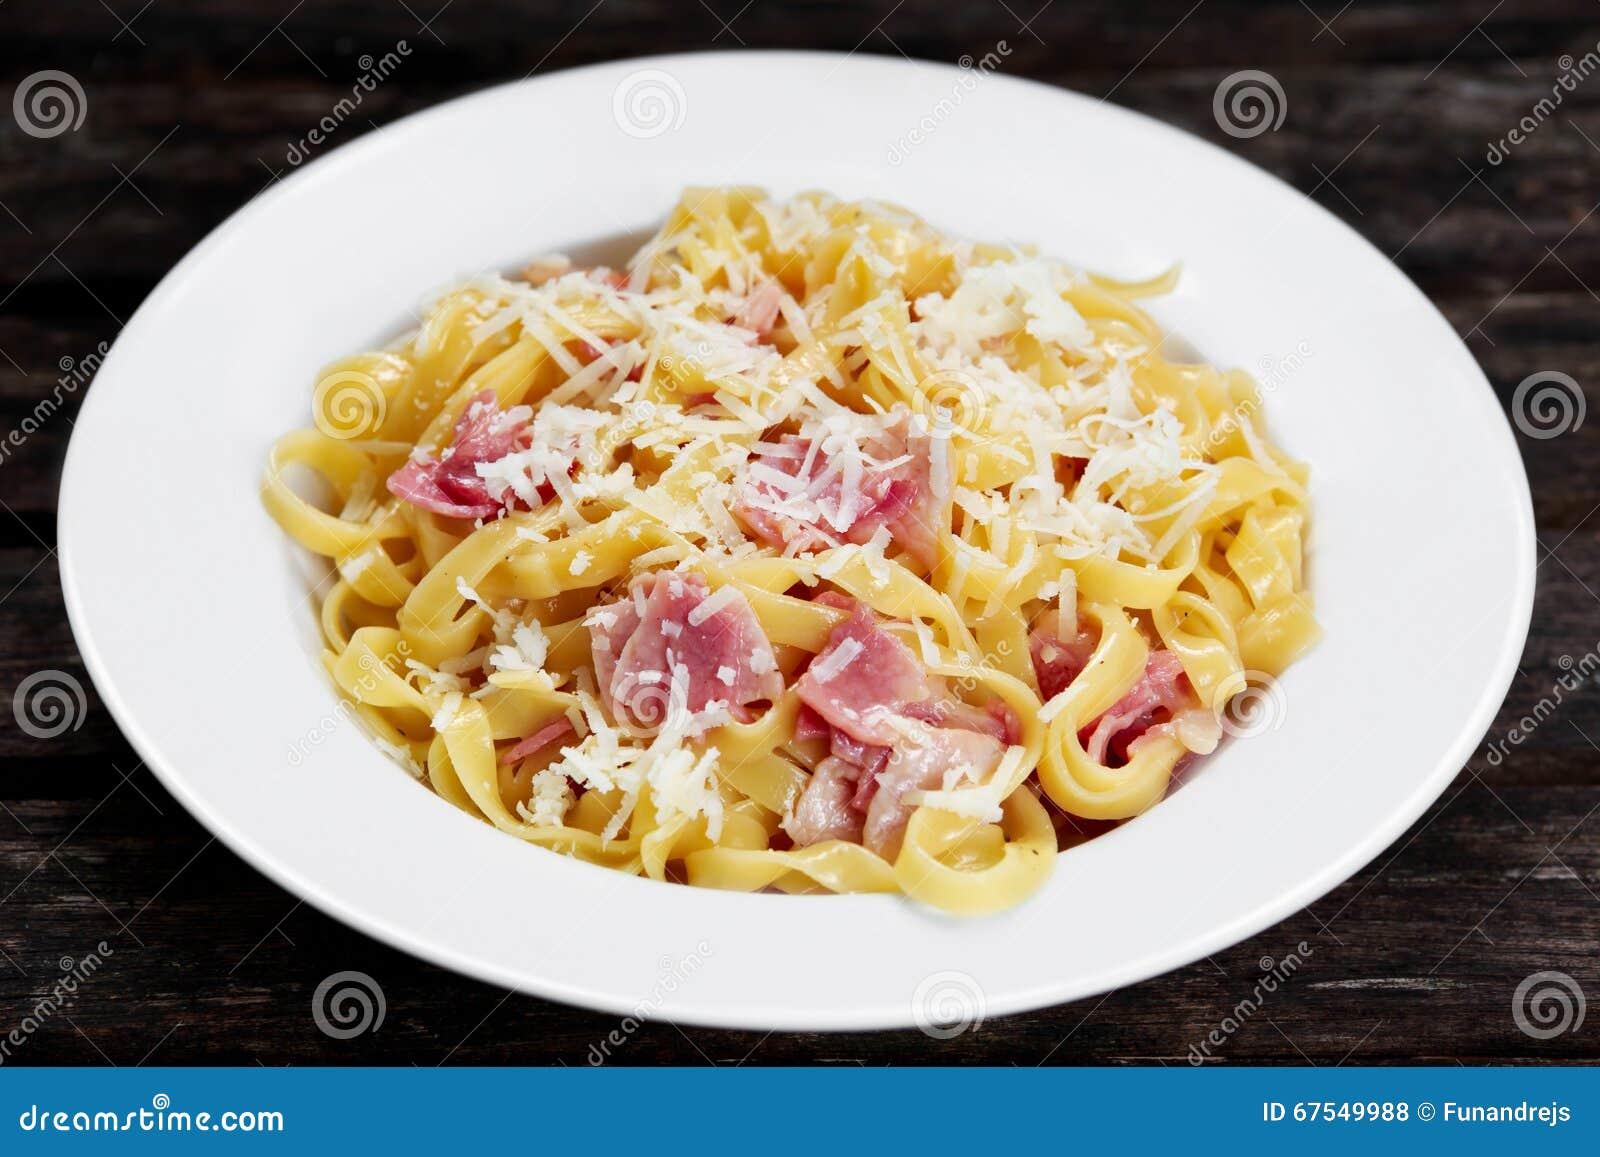 Bacon Egg Spaghetti